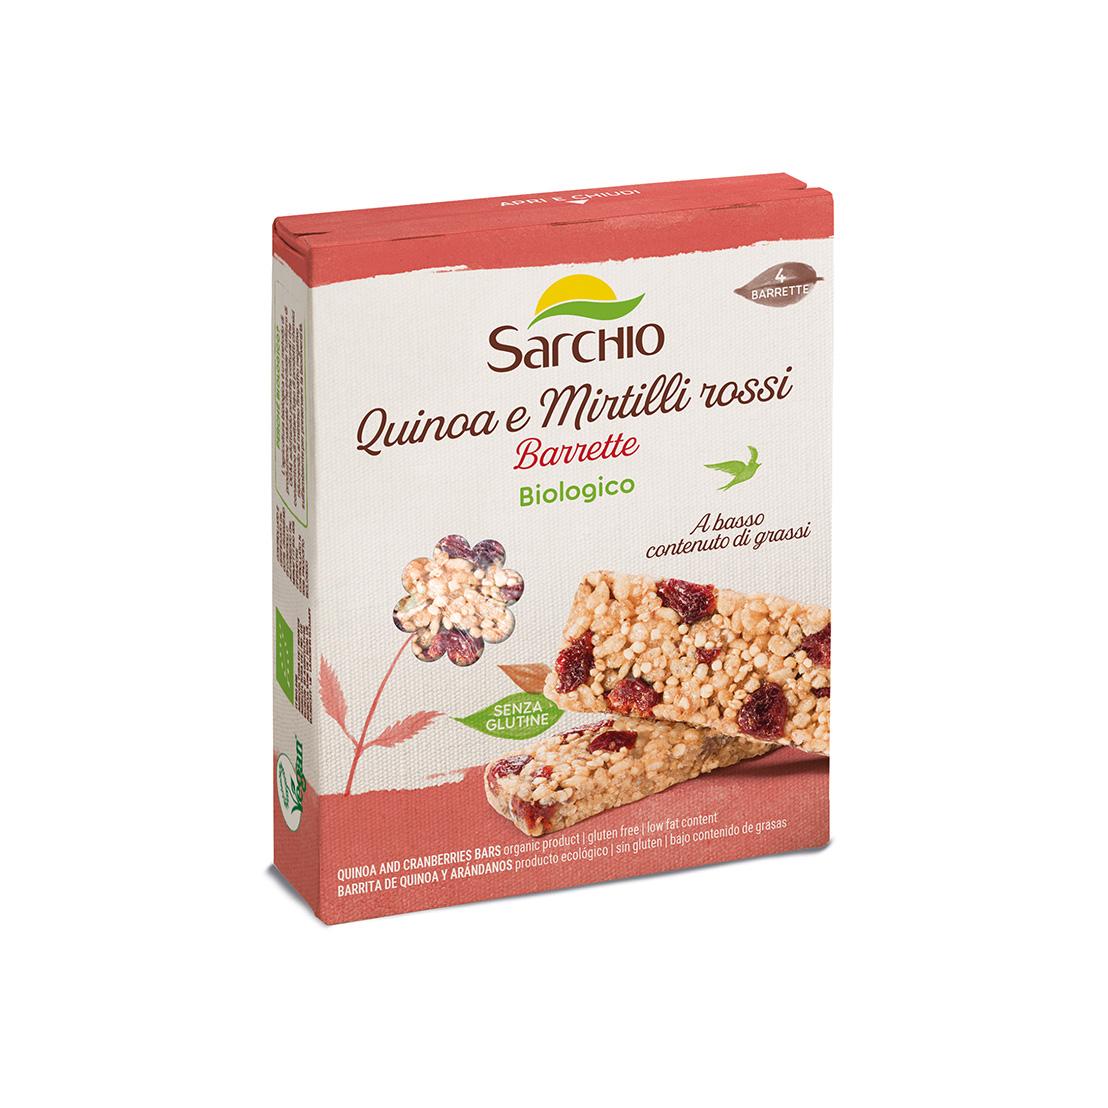 Barrita de quinoa y arándanos rojos